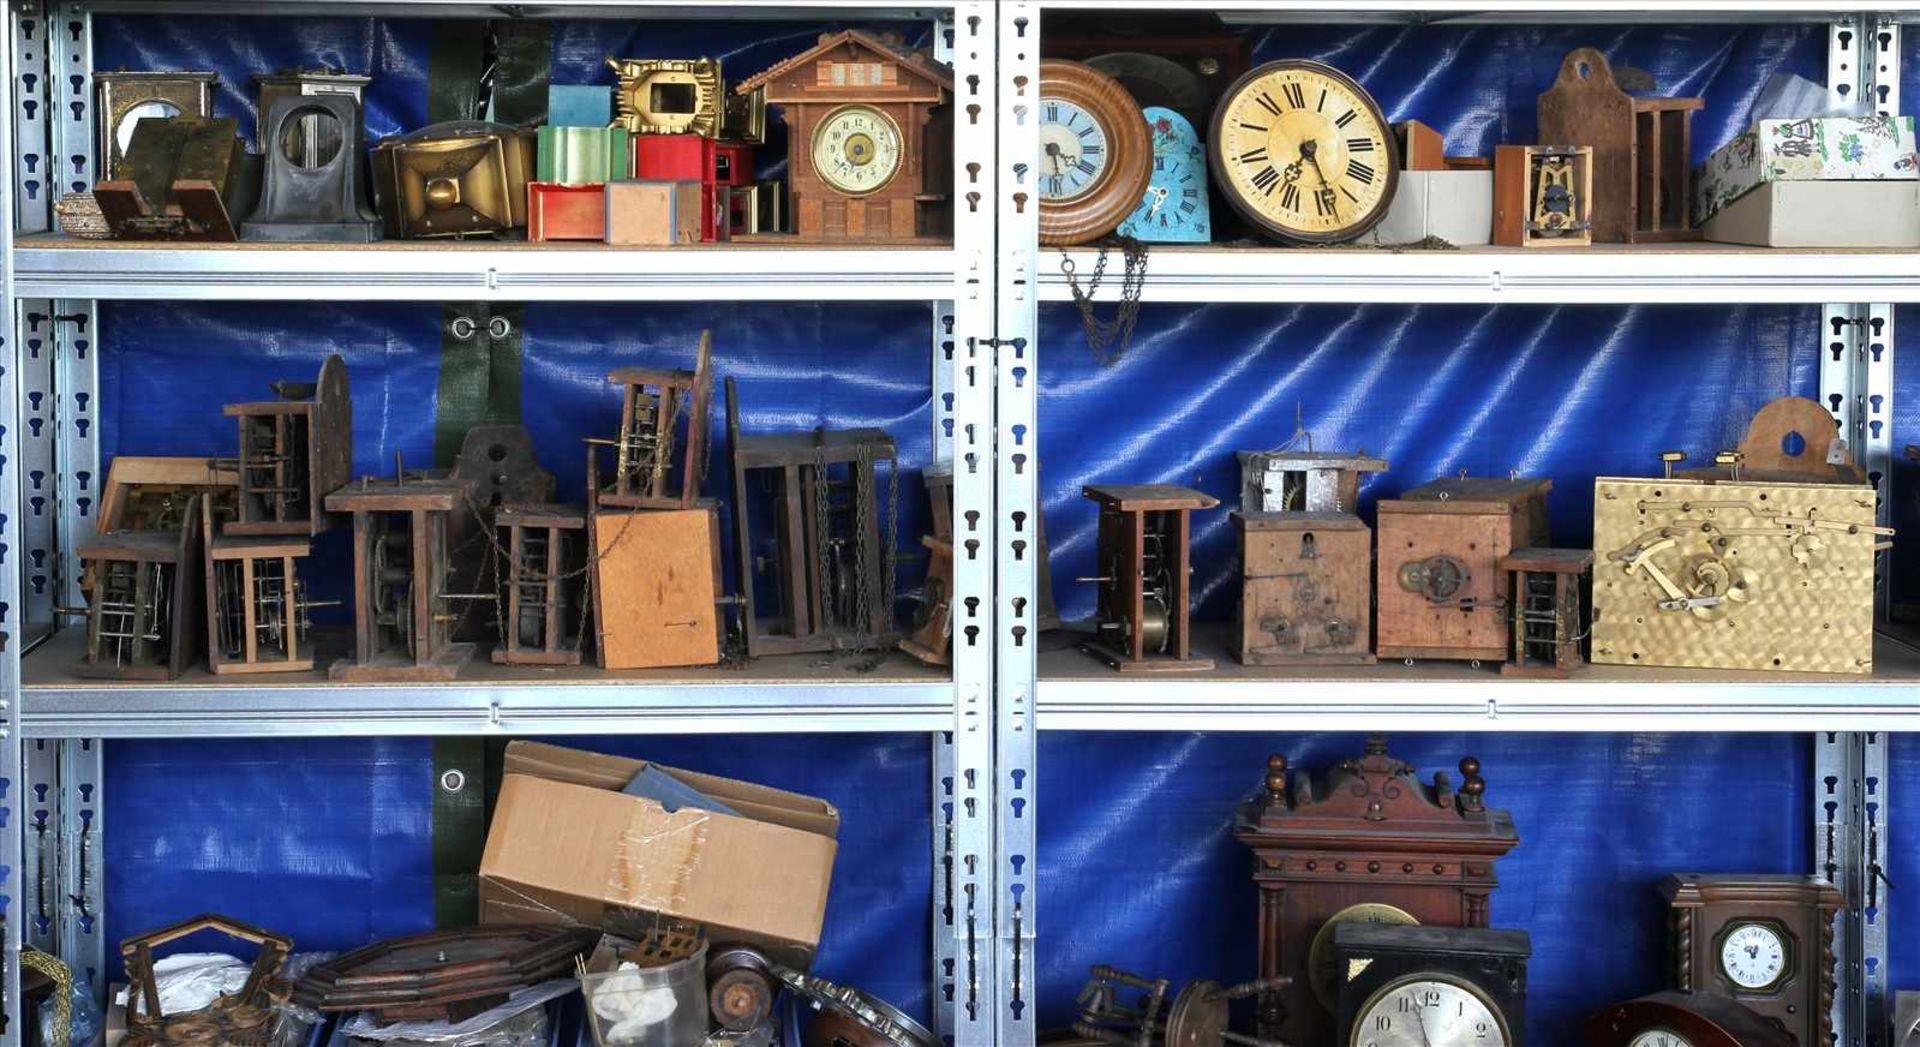 Los 23 - Konvolut UhrenersatzteileInhalt in drei Regalen (Regale gehören nicht zum Auktionsumfang).